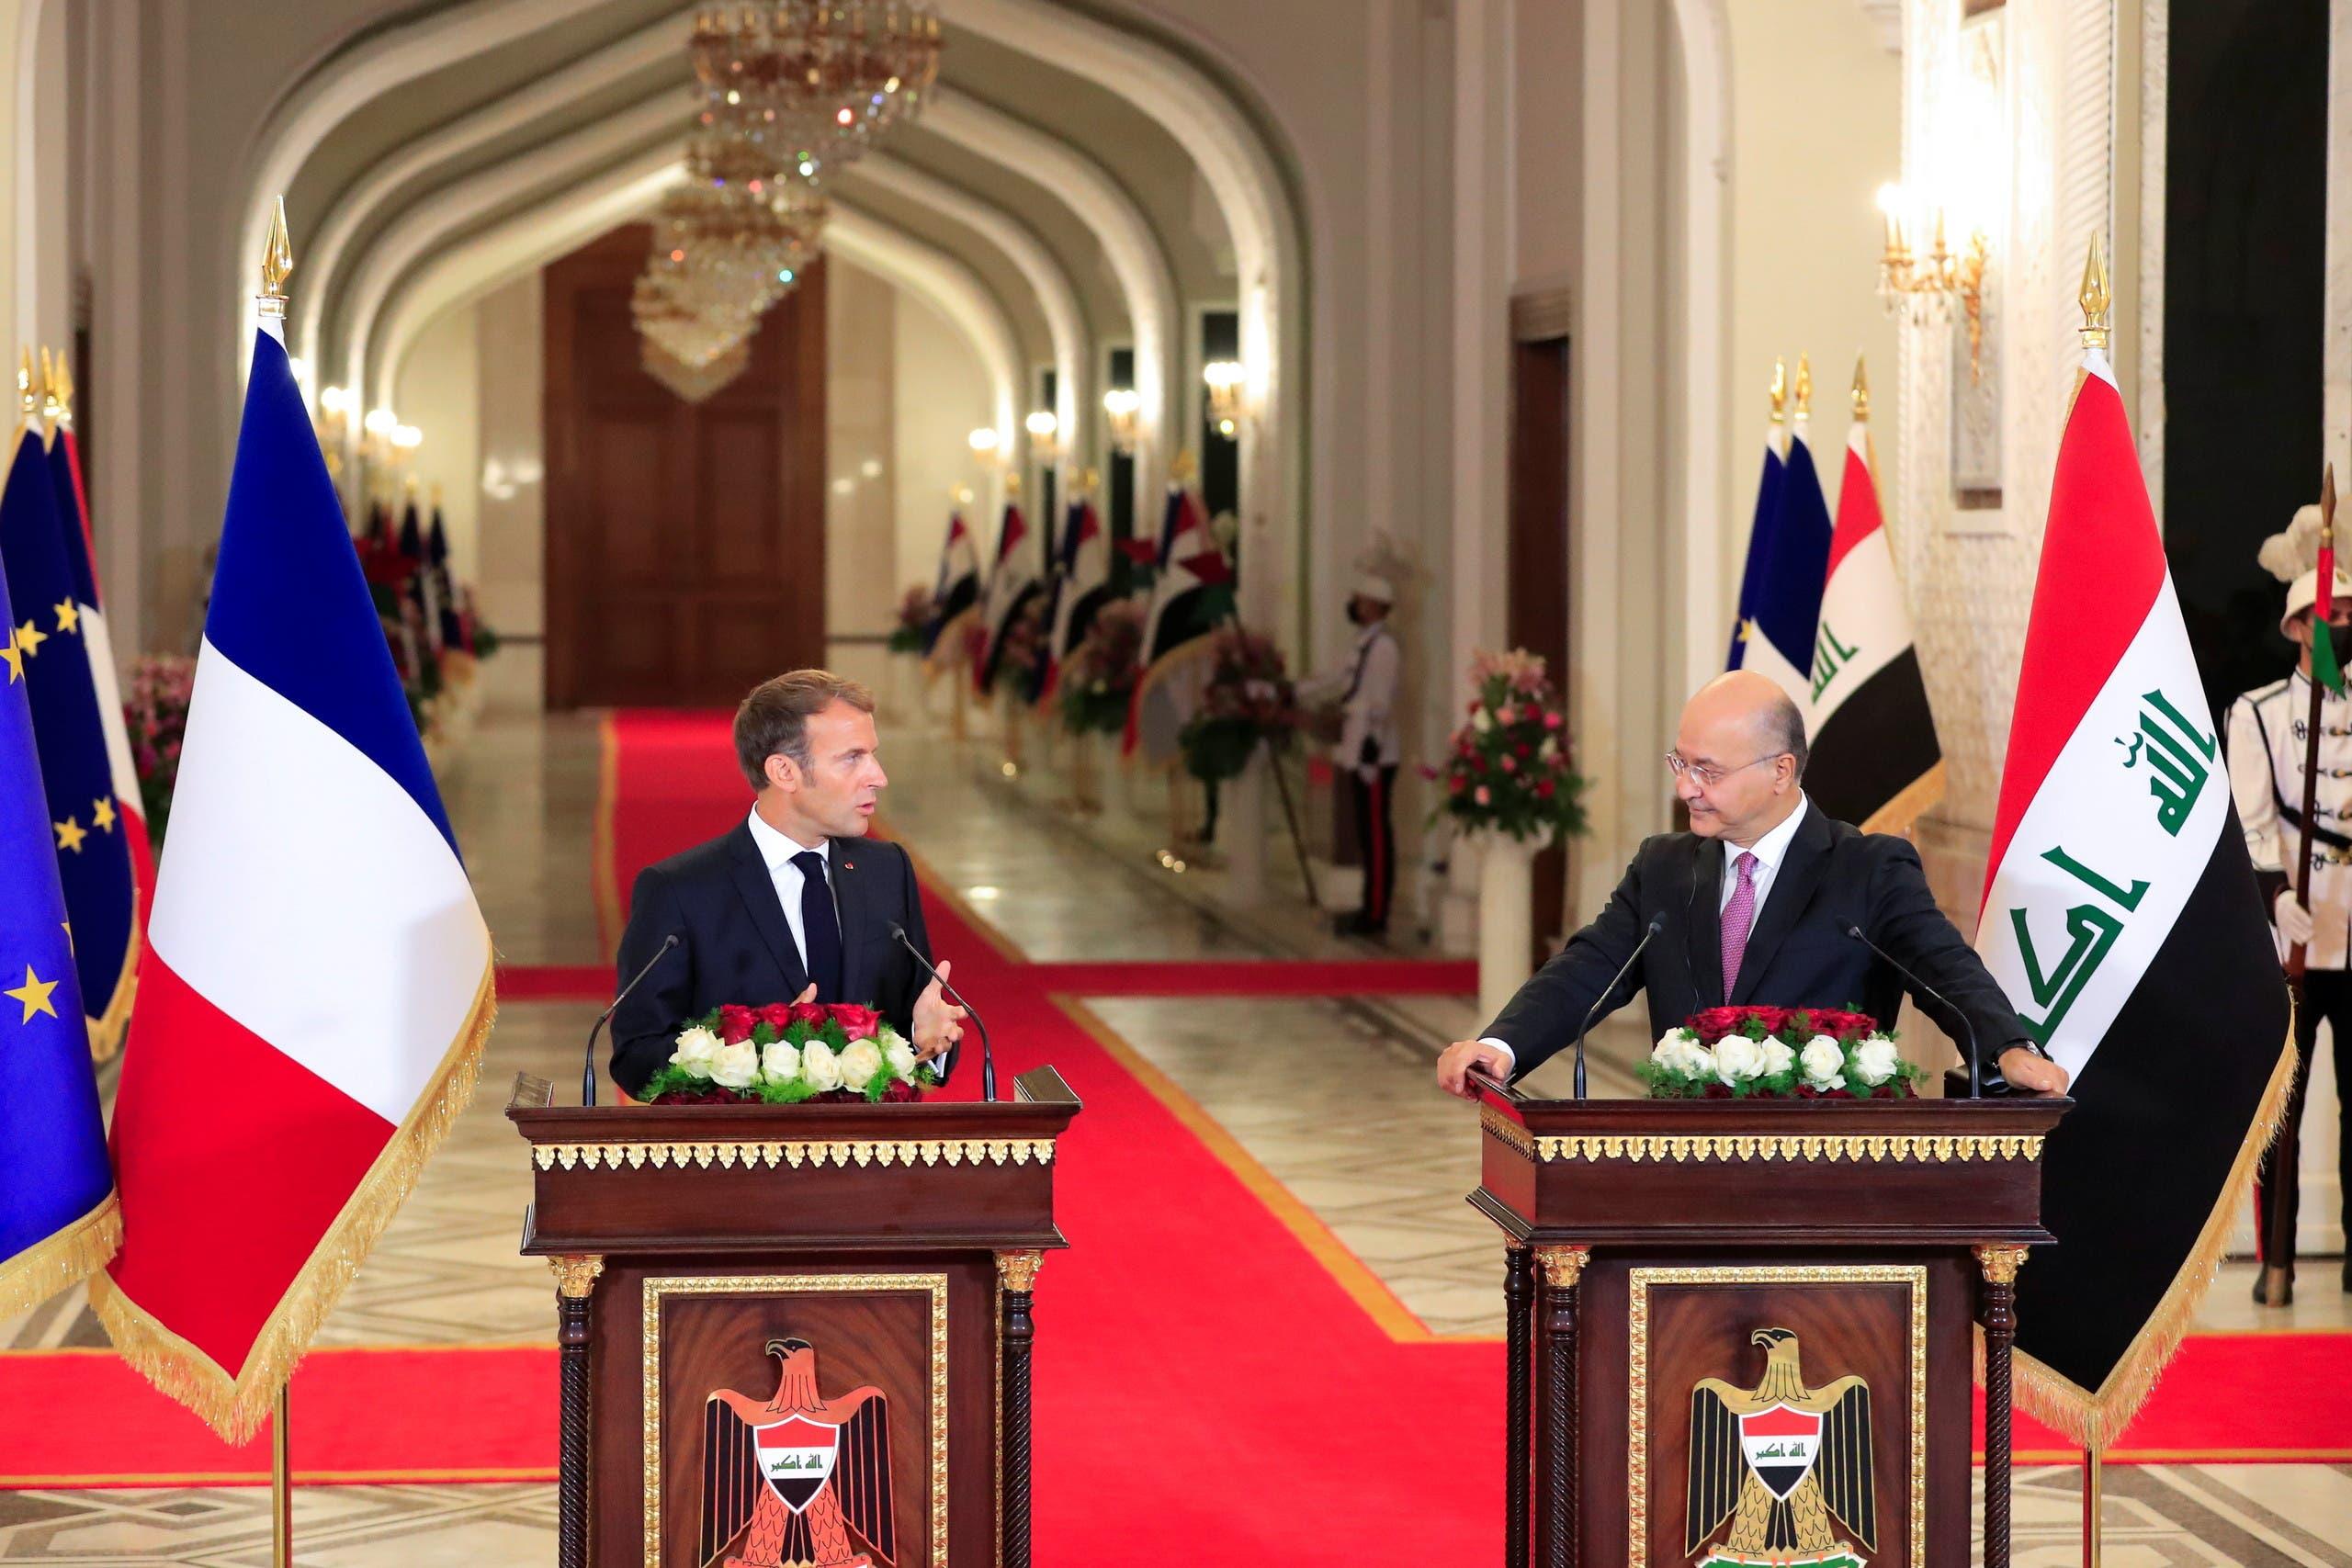 الرئيسان العراقي برهم صالح والفرنسي إيمانويل ماكرون